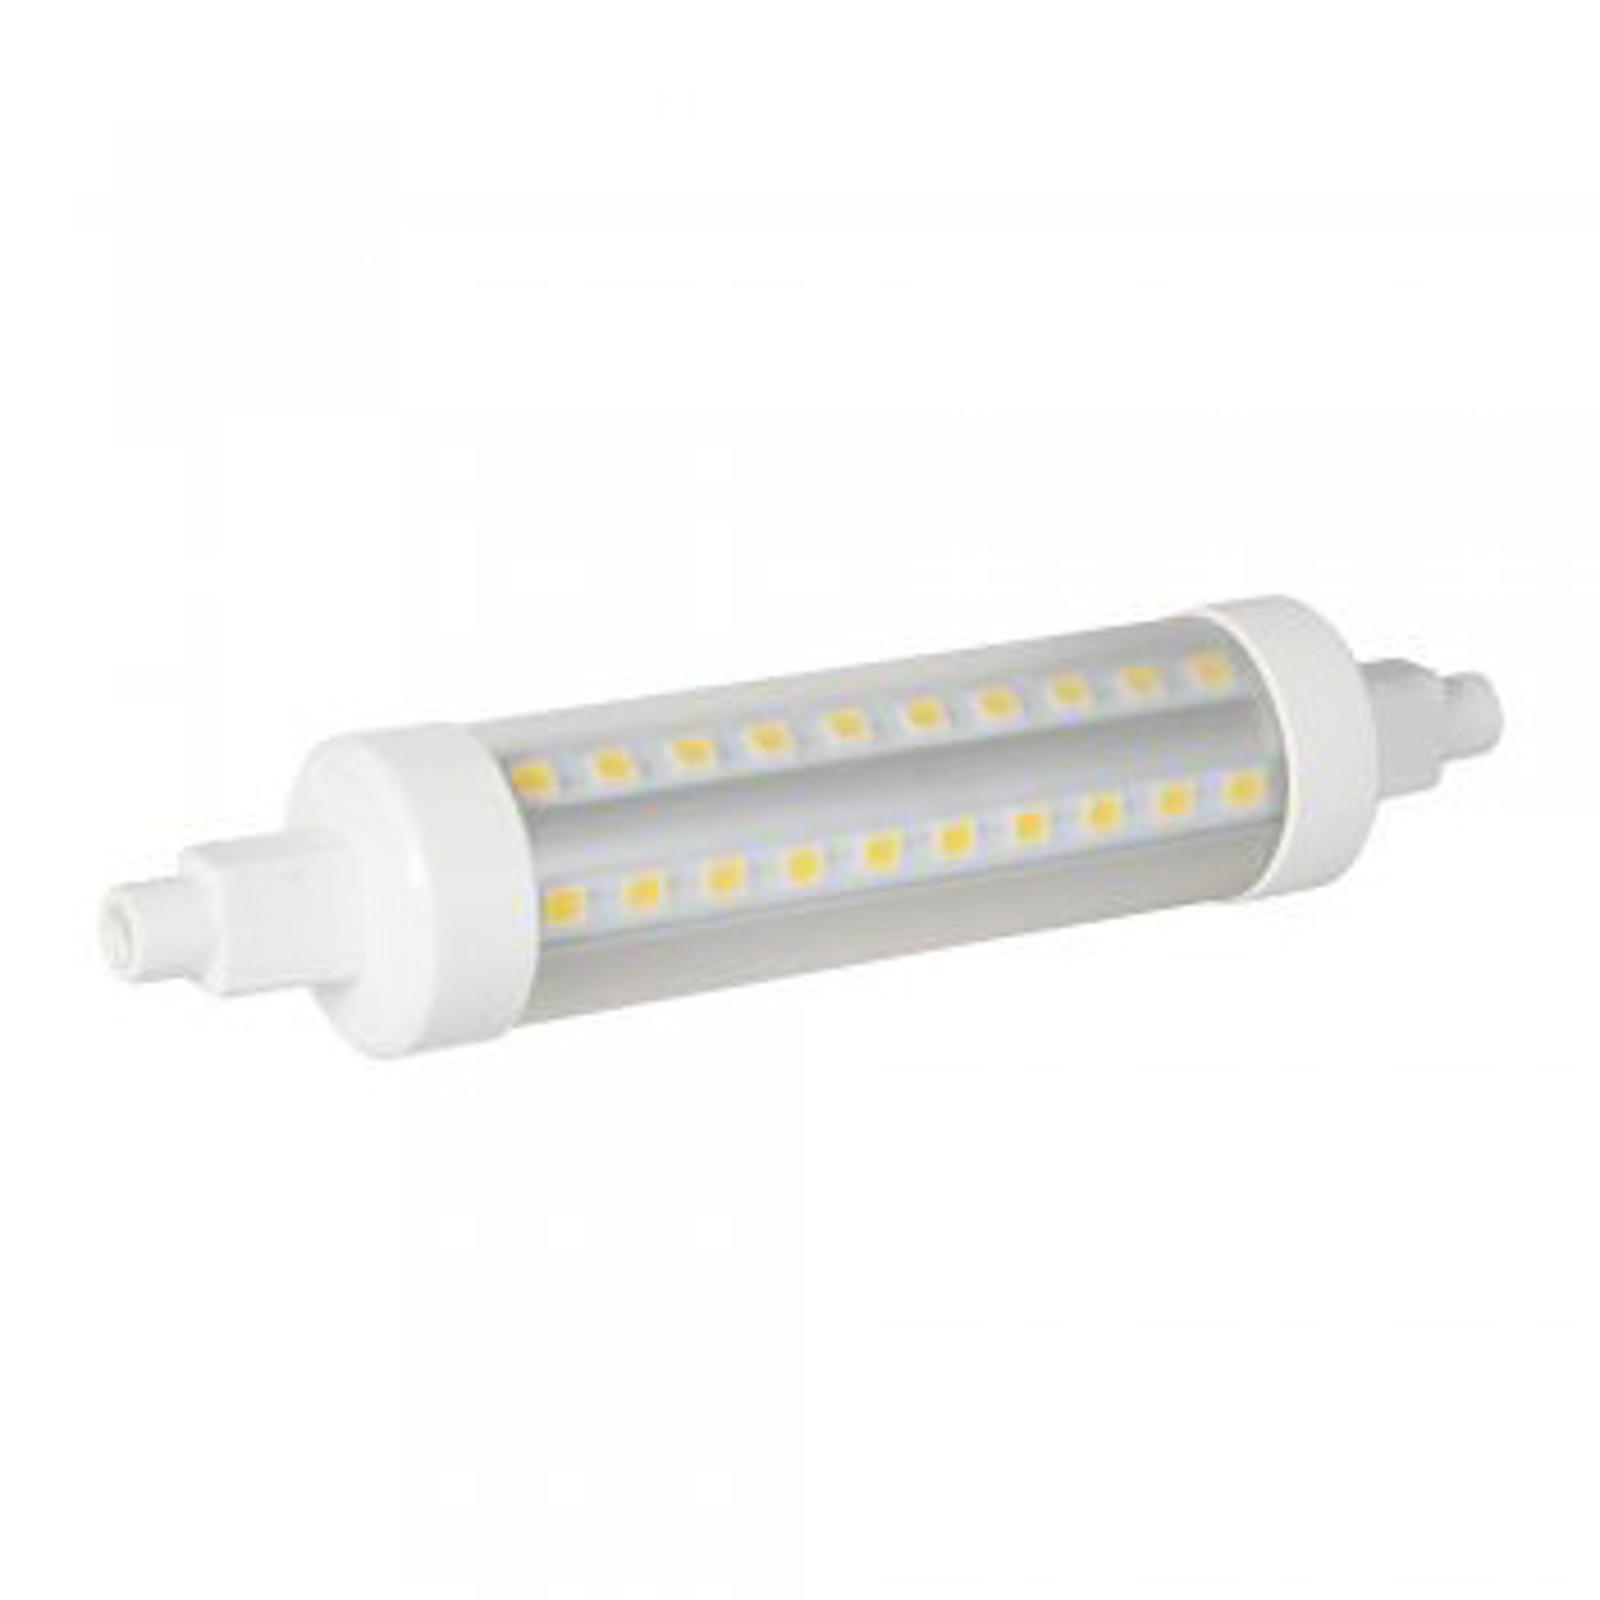 Ampoule LED R7s 8W 827 VEO en forme de tube